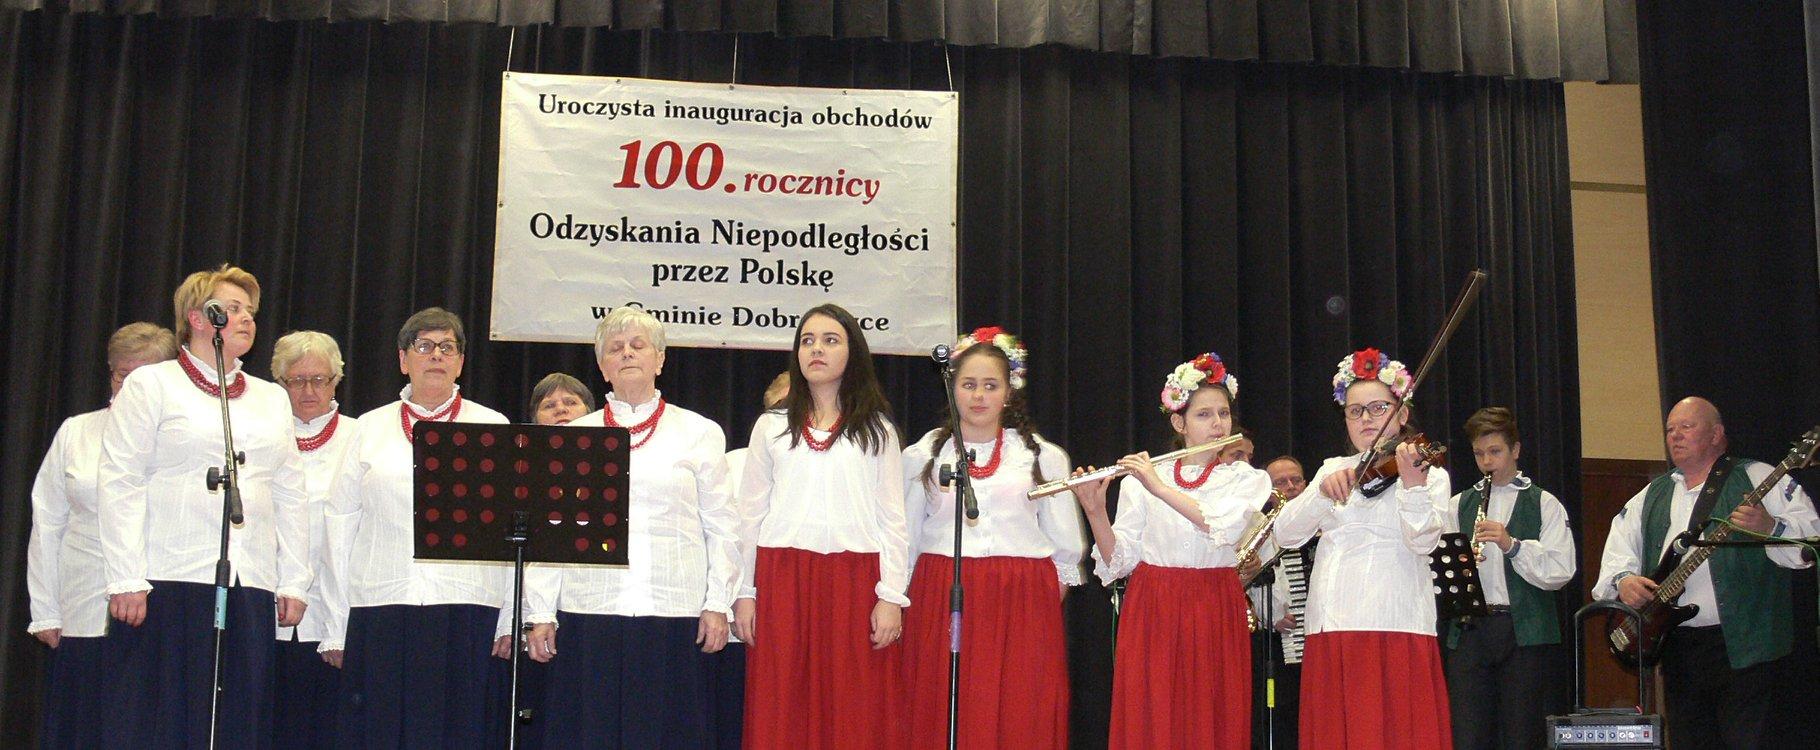 Inauguracja Obchodów 100-lecia Odzyskania przez Polskę Niepodległości